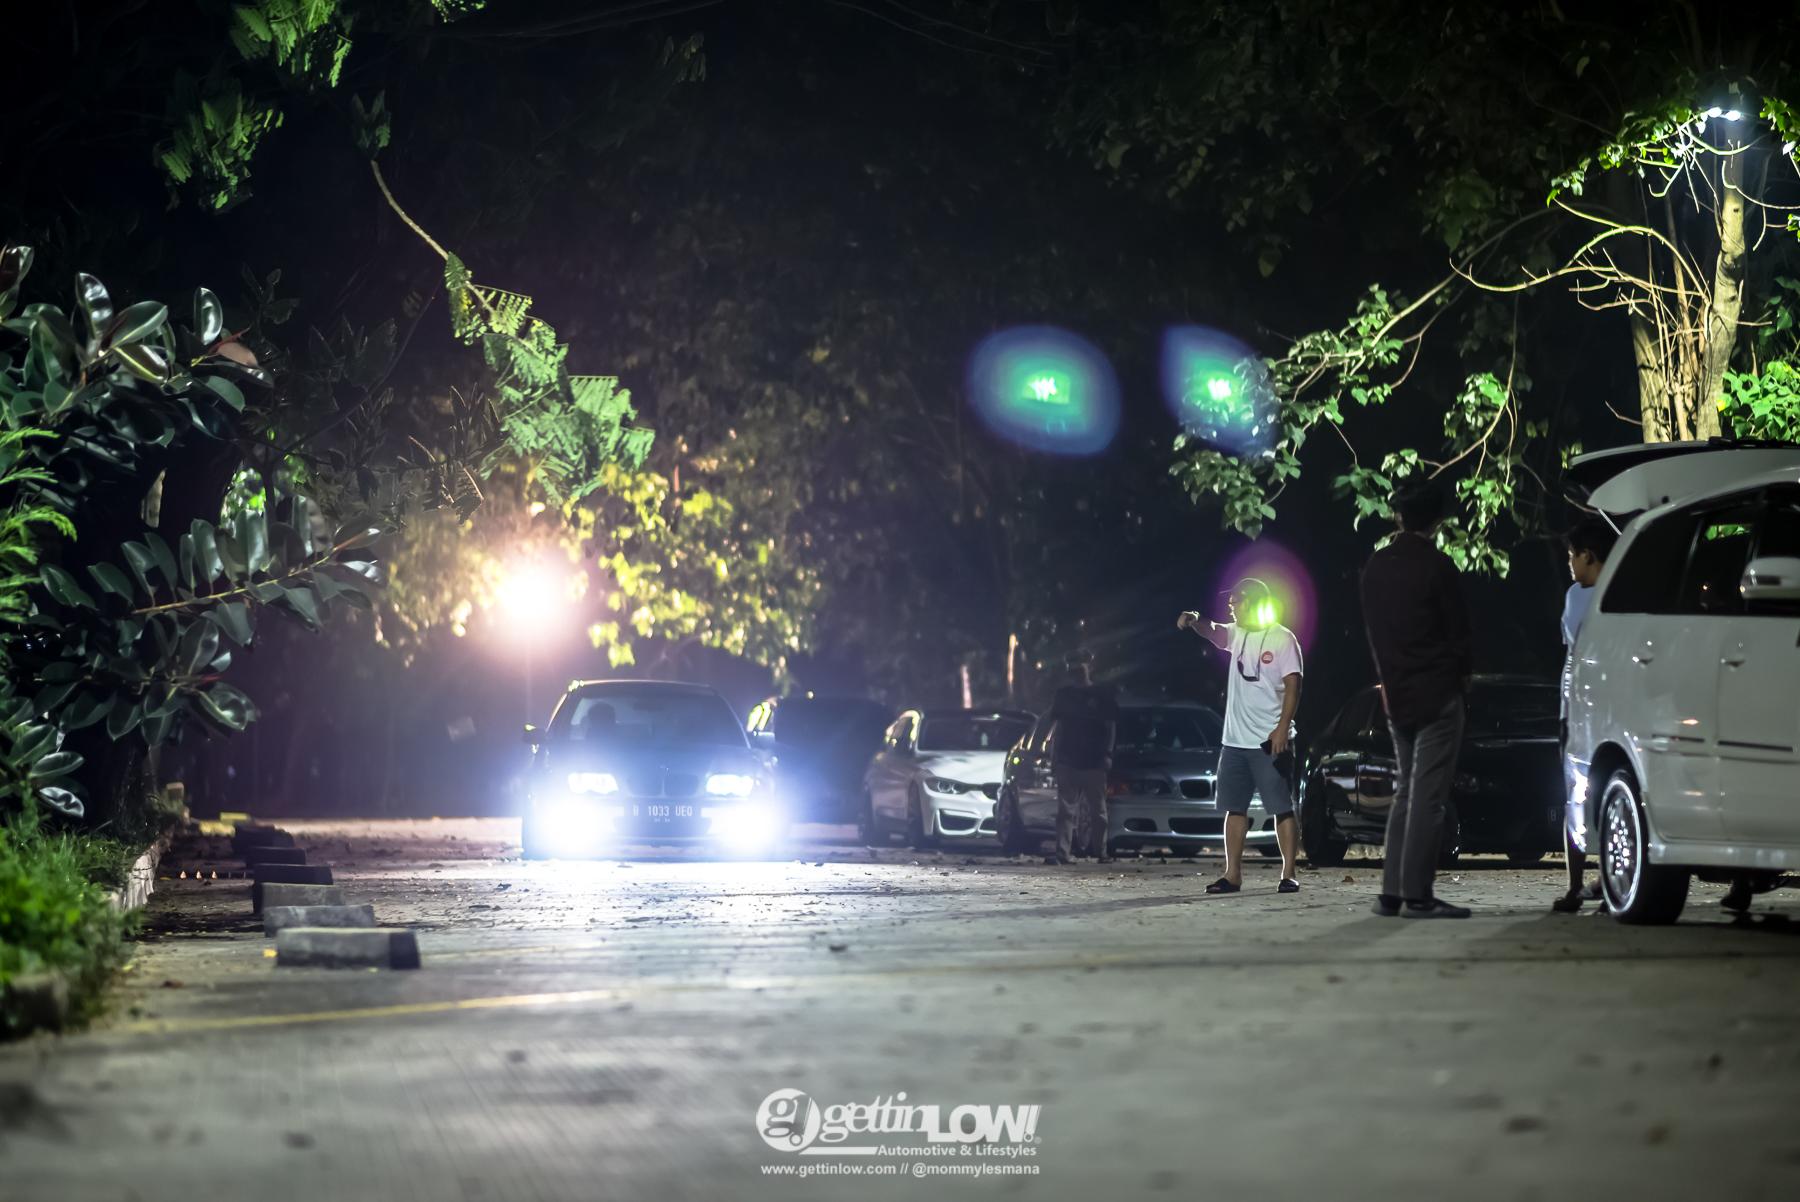 dalkot-at-night-eps-5